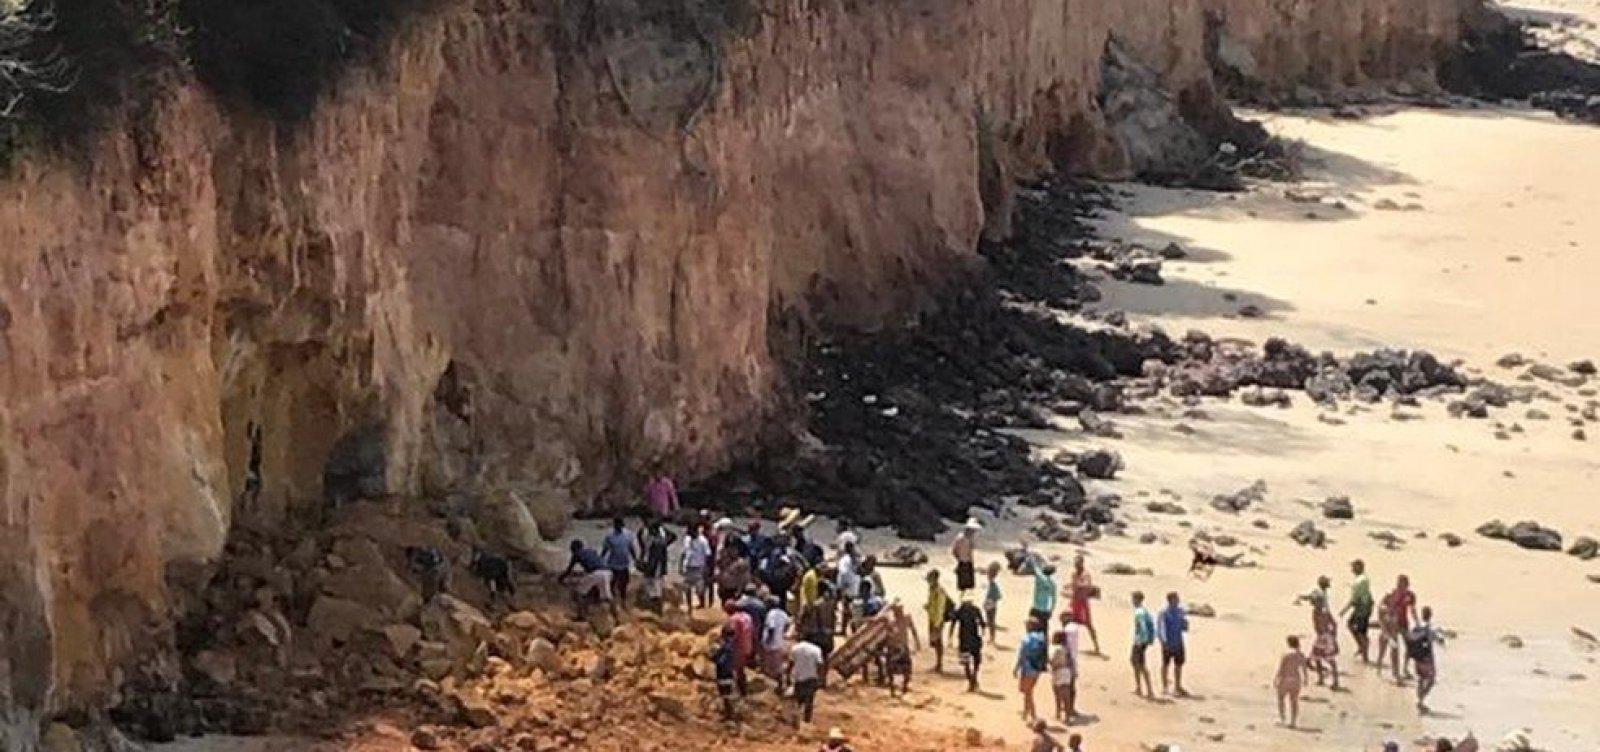 [Parte de falésia desaba na praia de Pipa, no RN, e mata três pessoas da mesma família]